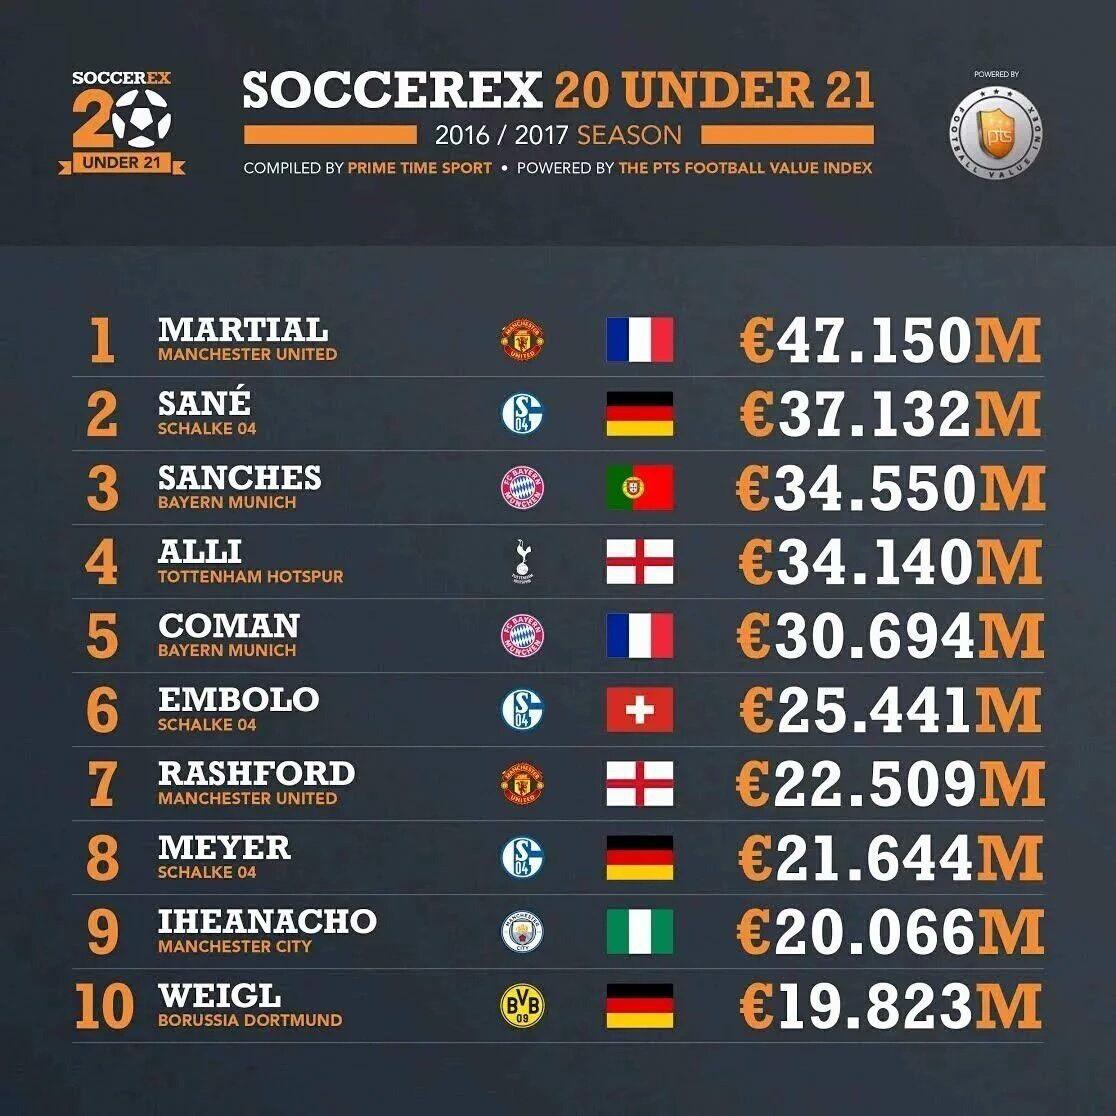 گرانترین بازیکنان زیر 21 سال جهان // صبح تاسوعا کار شود